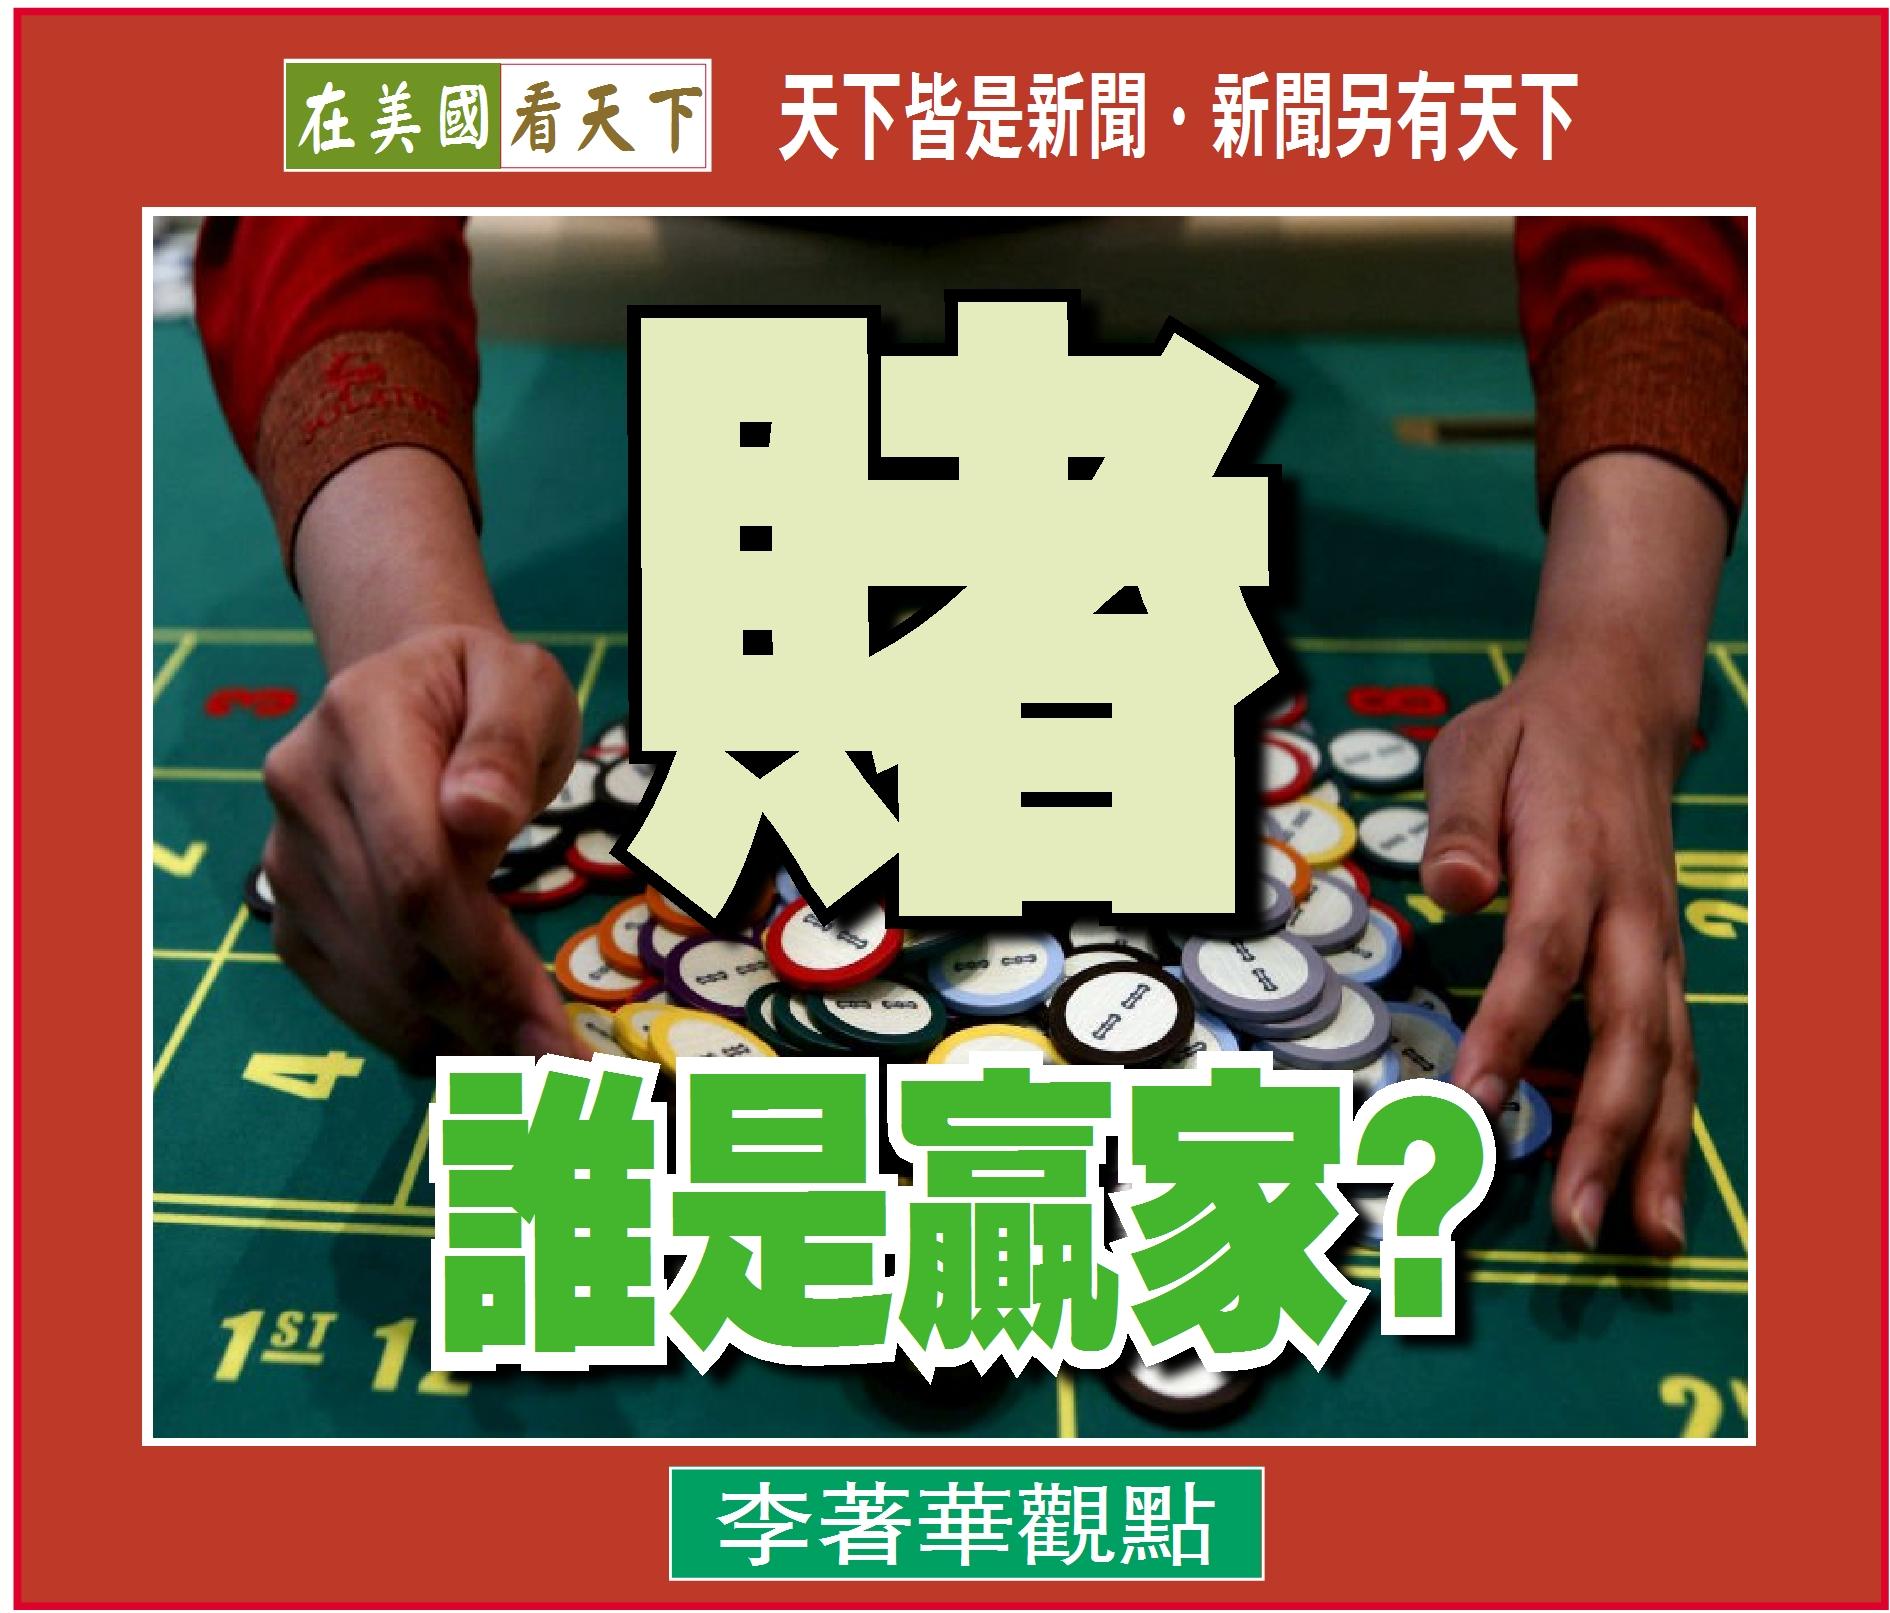 060519-賭,誰是贏家?-1